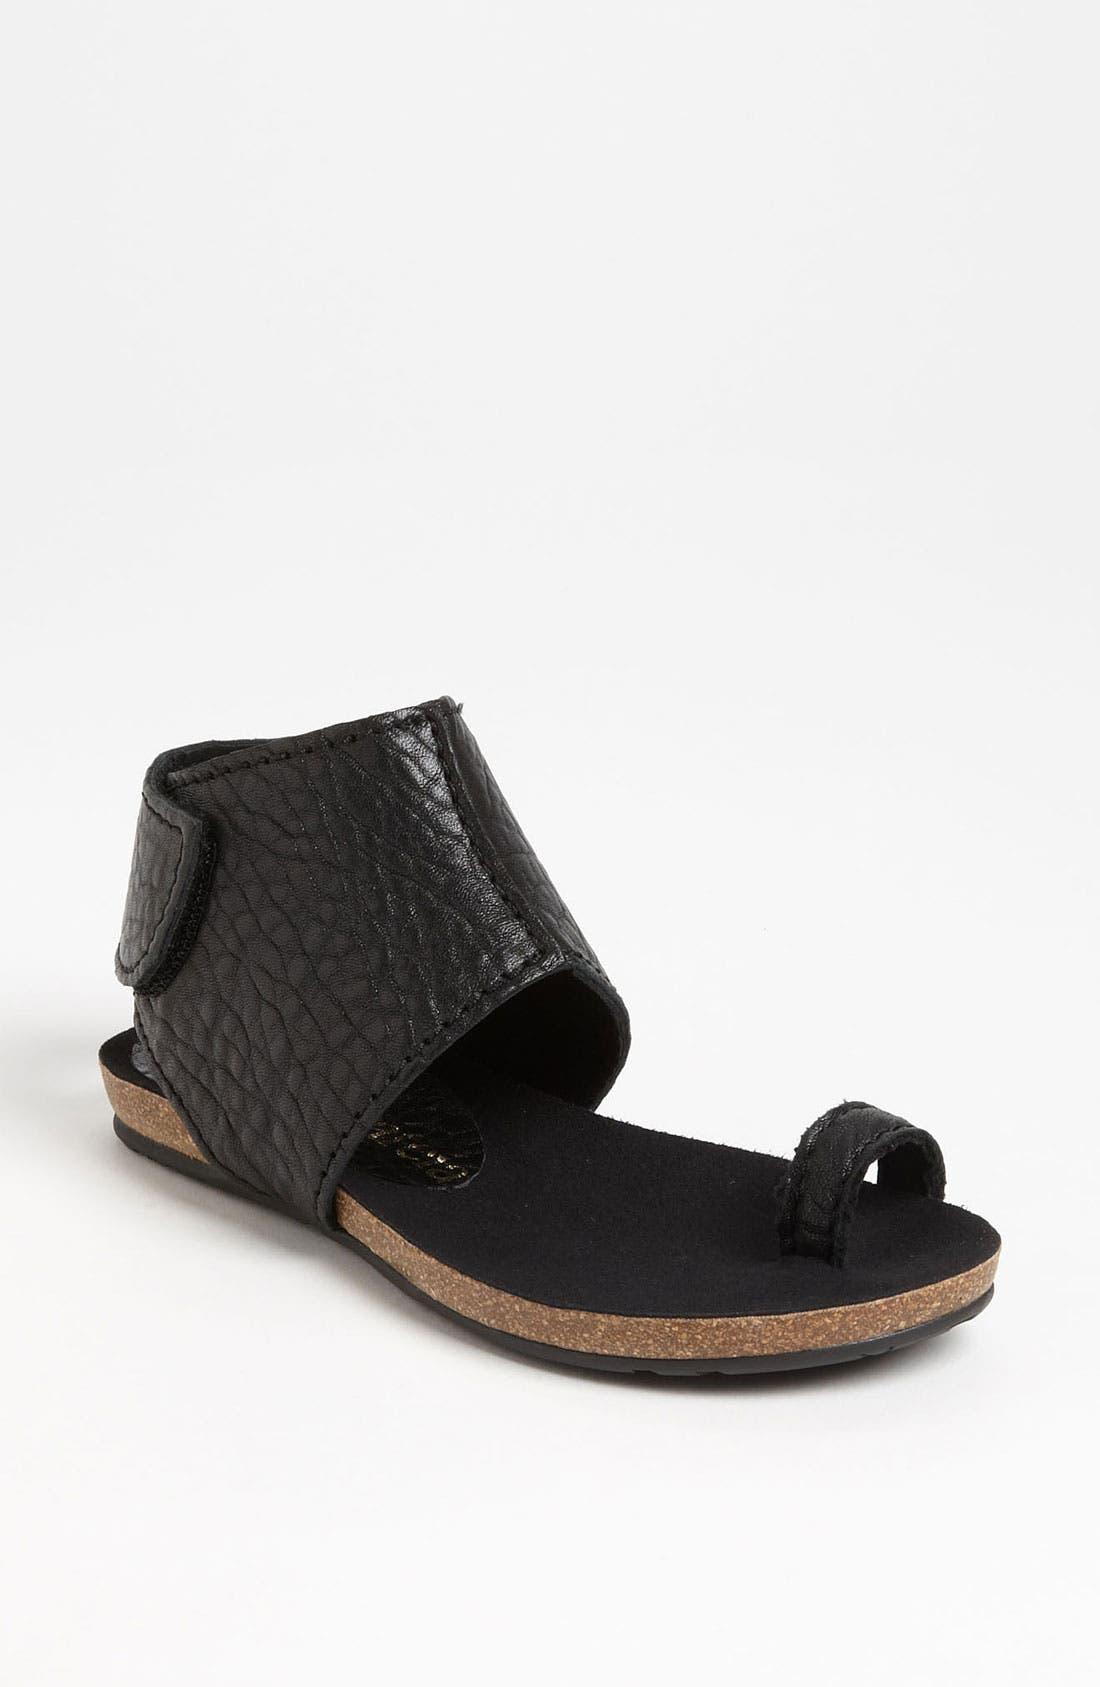 Alternate Image 1 Selected - Pedro Garcia 'Vania' Flat Sandal